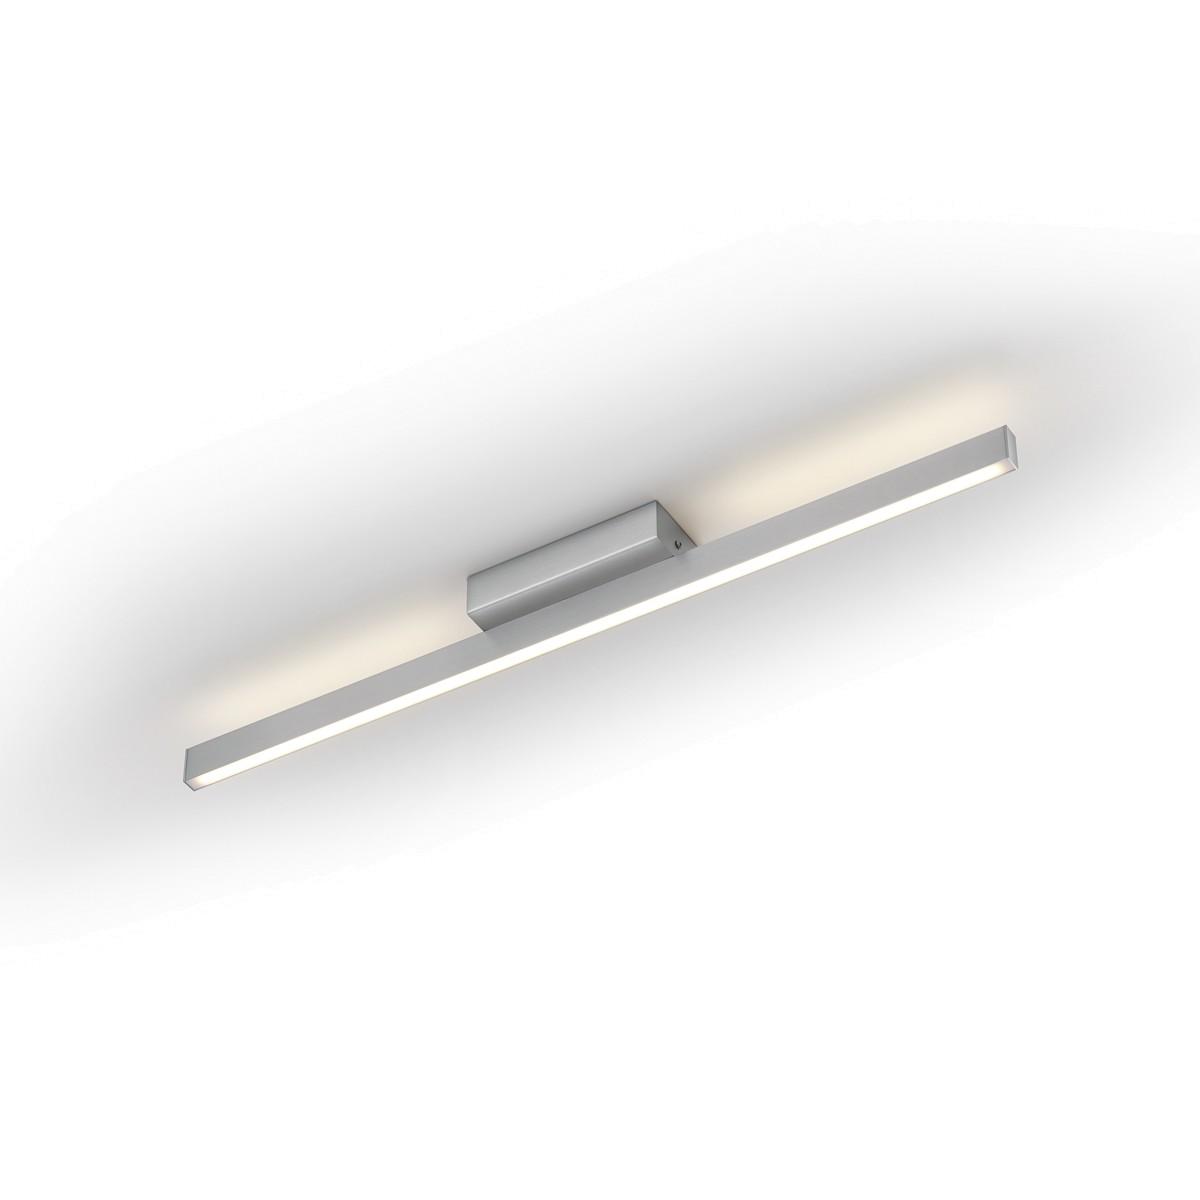 Knapstein 91.33x Deckenleuchte, Länge: 76 cm, Nickel matt